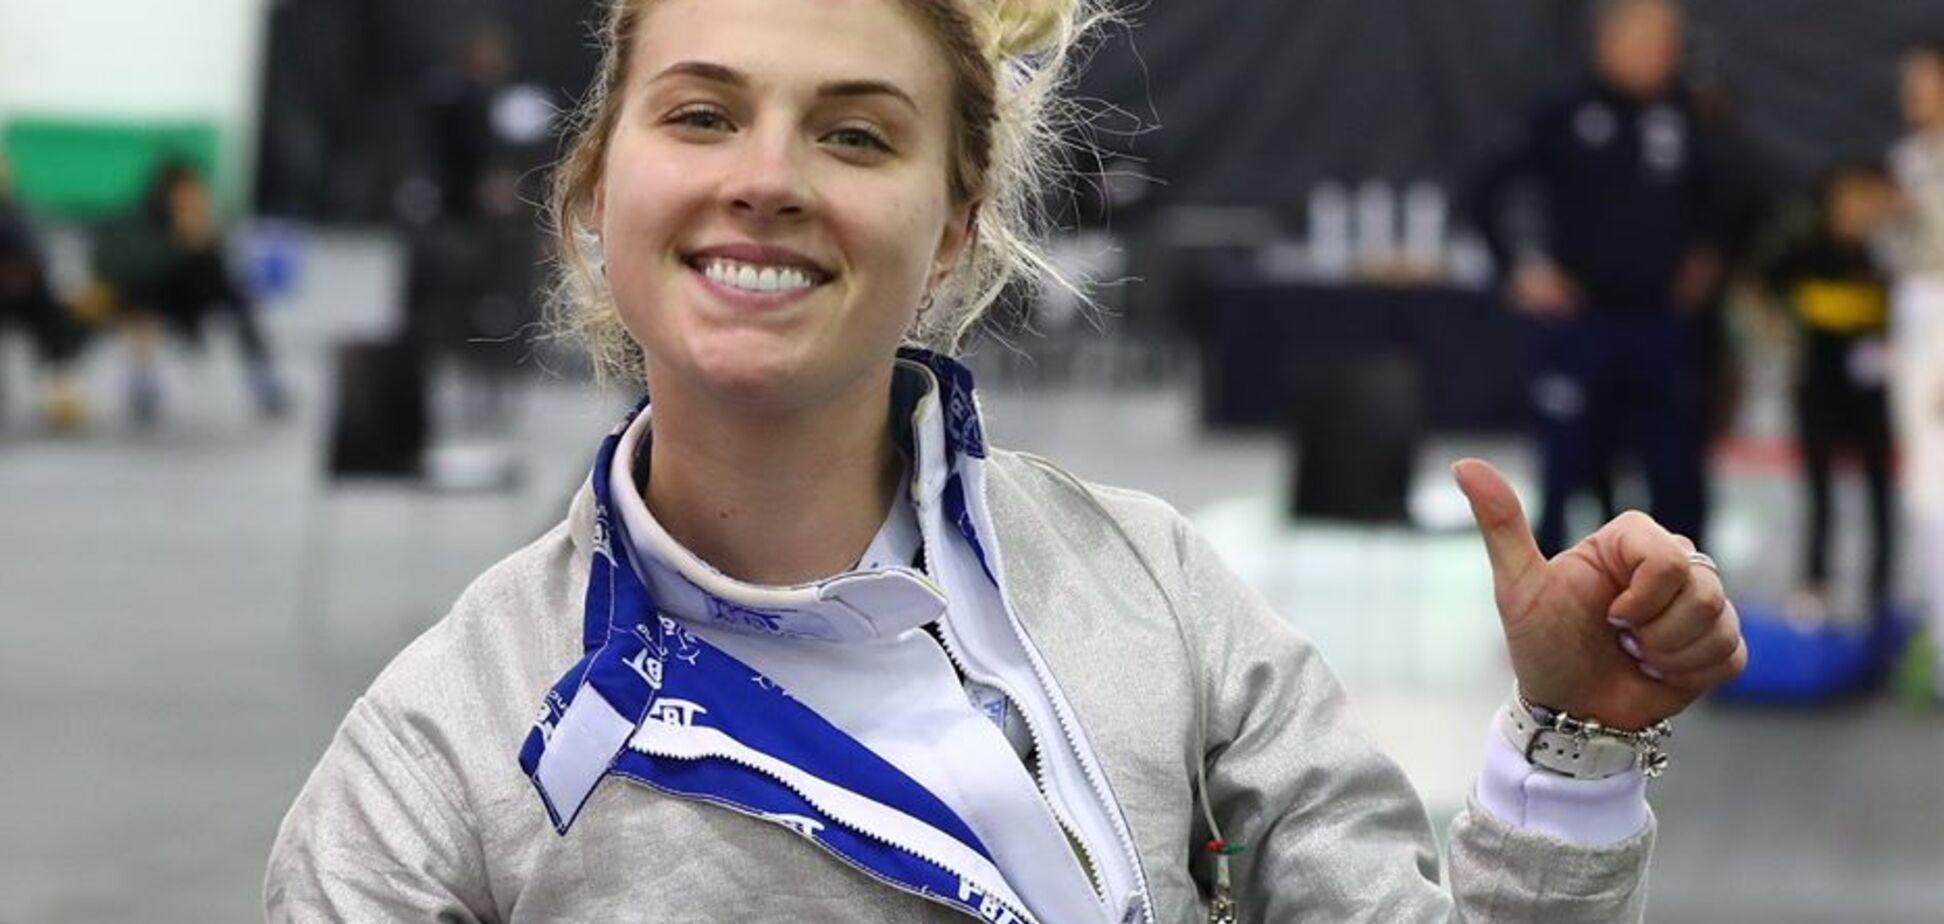 Харлан завоевала 'золото' Кубка мира, разгромив в финале россиянку